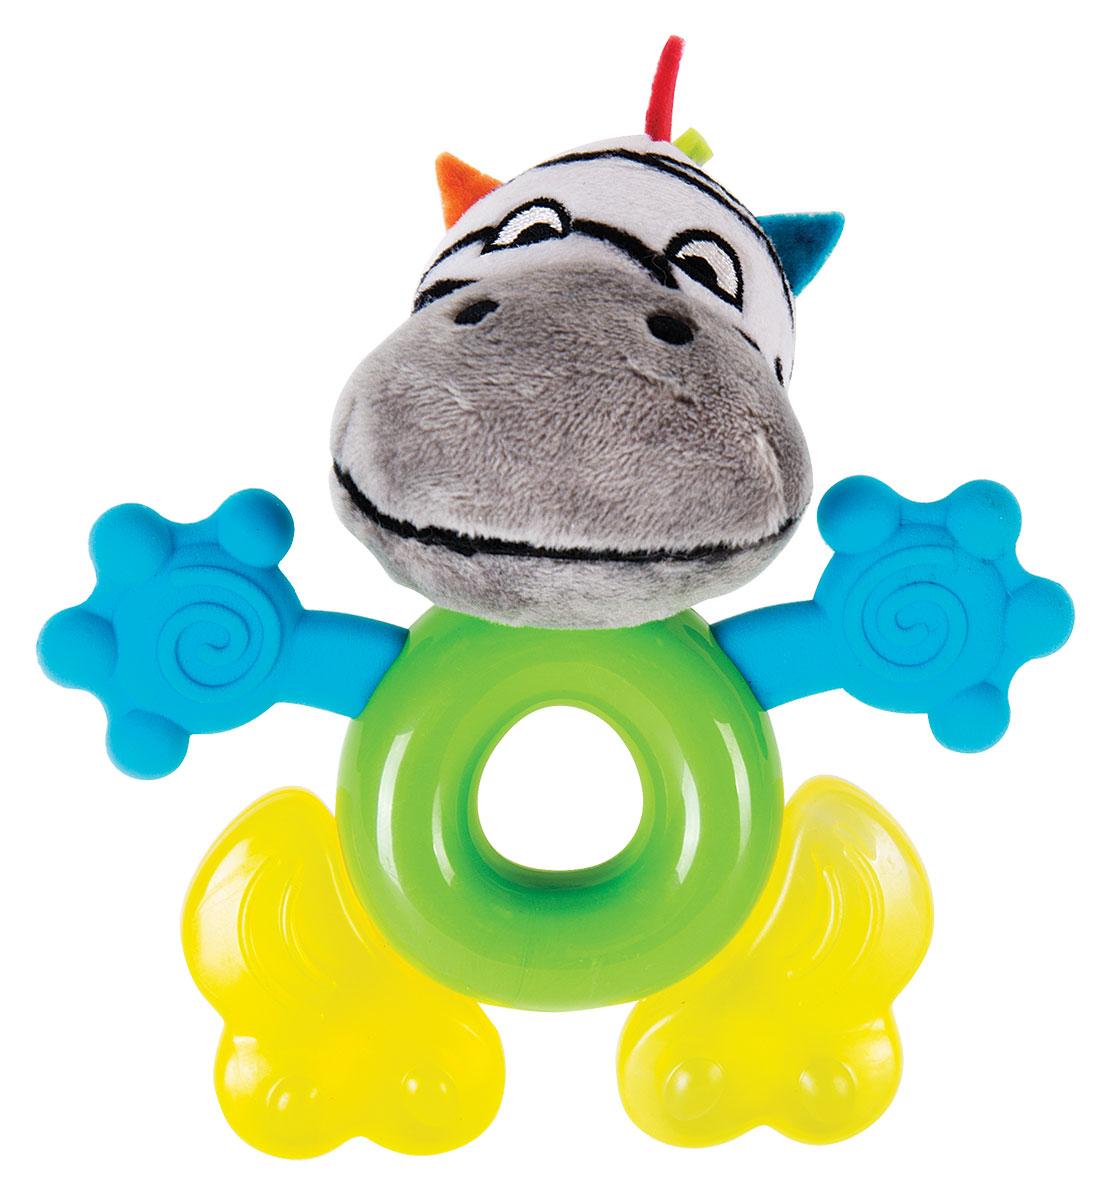 Happy Snail Игрушка-погремушка Фру-Фру